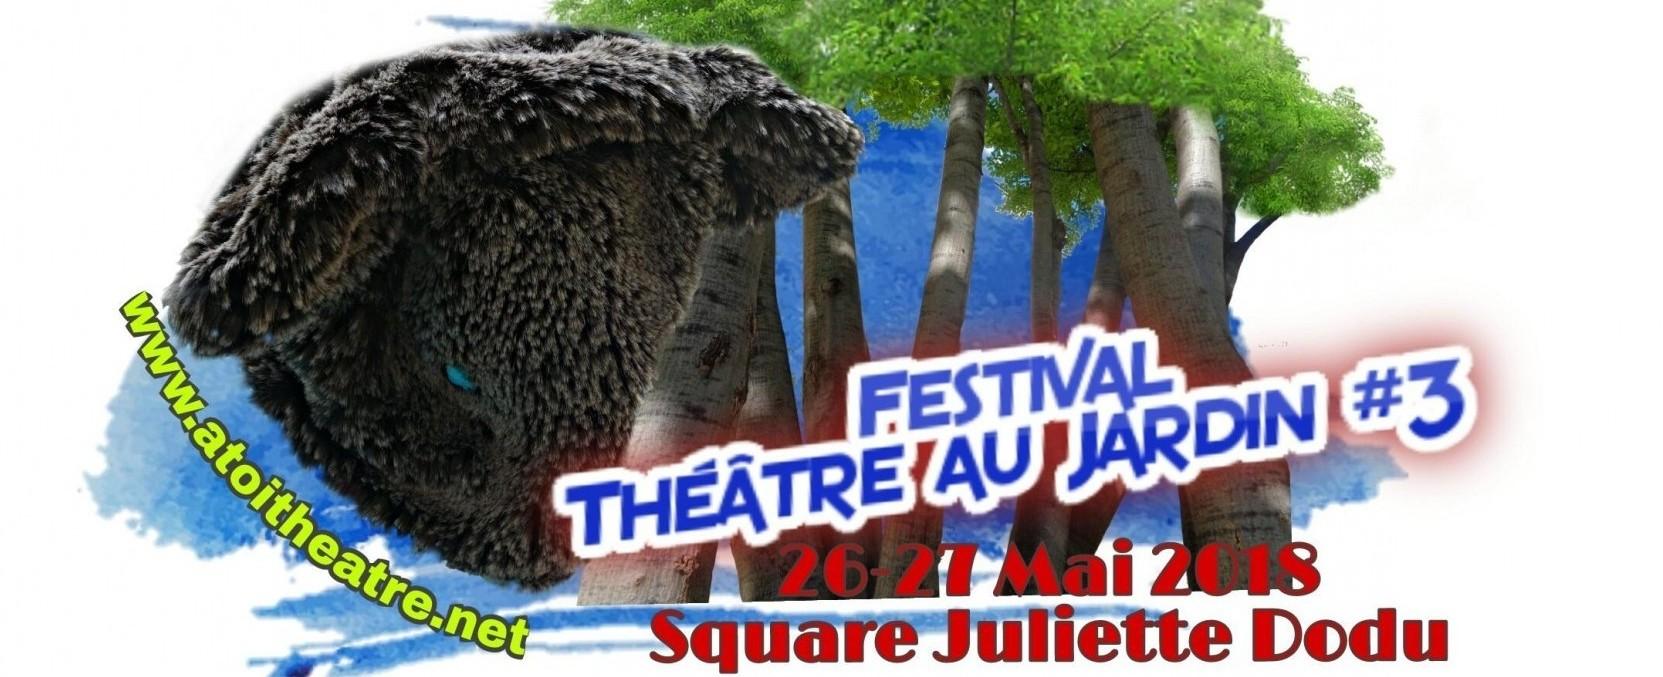 FESTIVAL THEATRE AU JARDIN #3